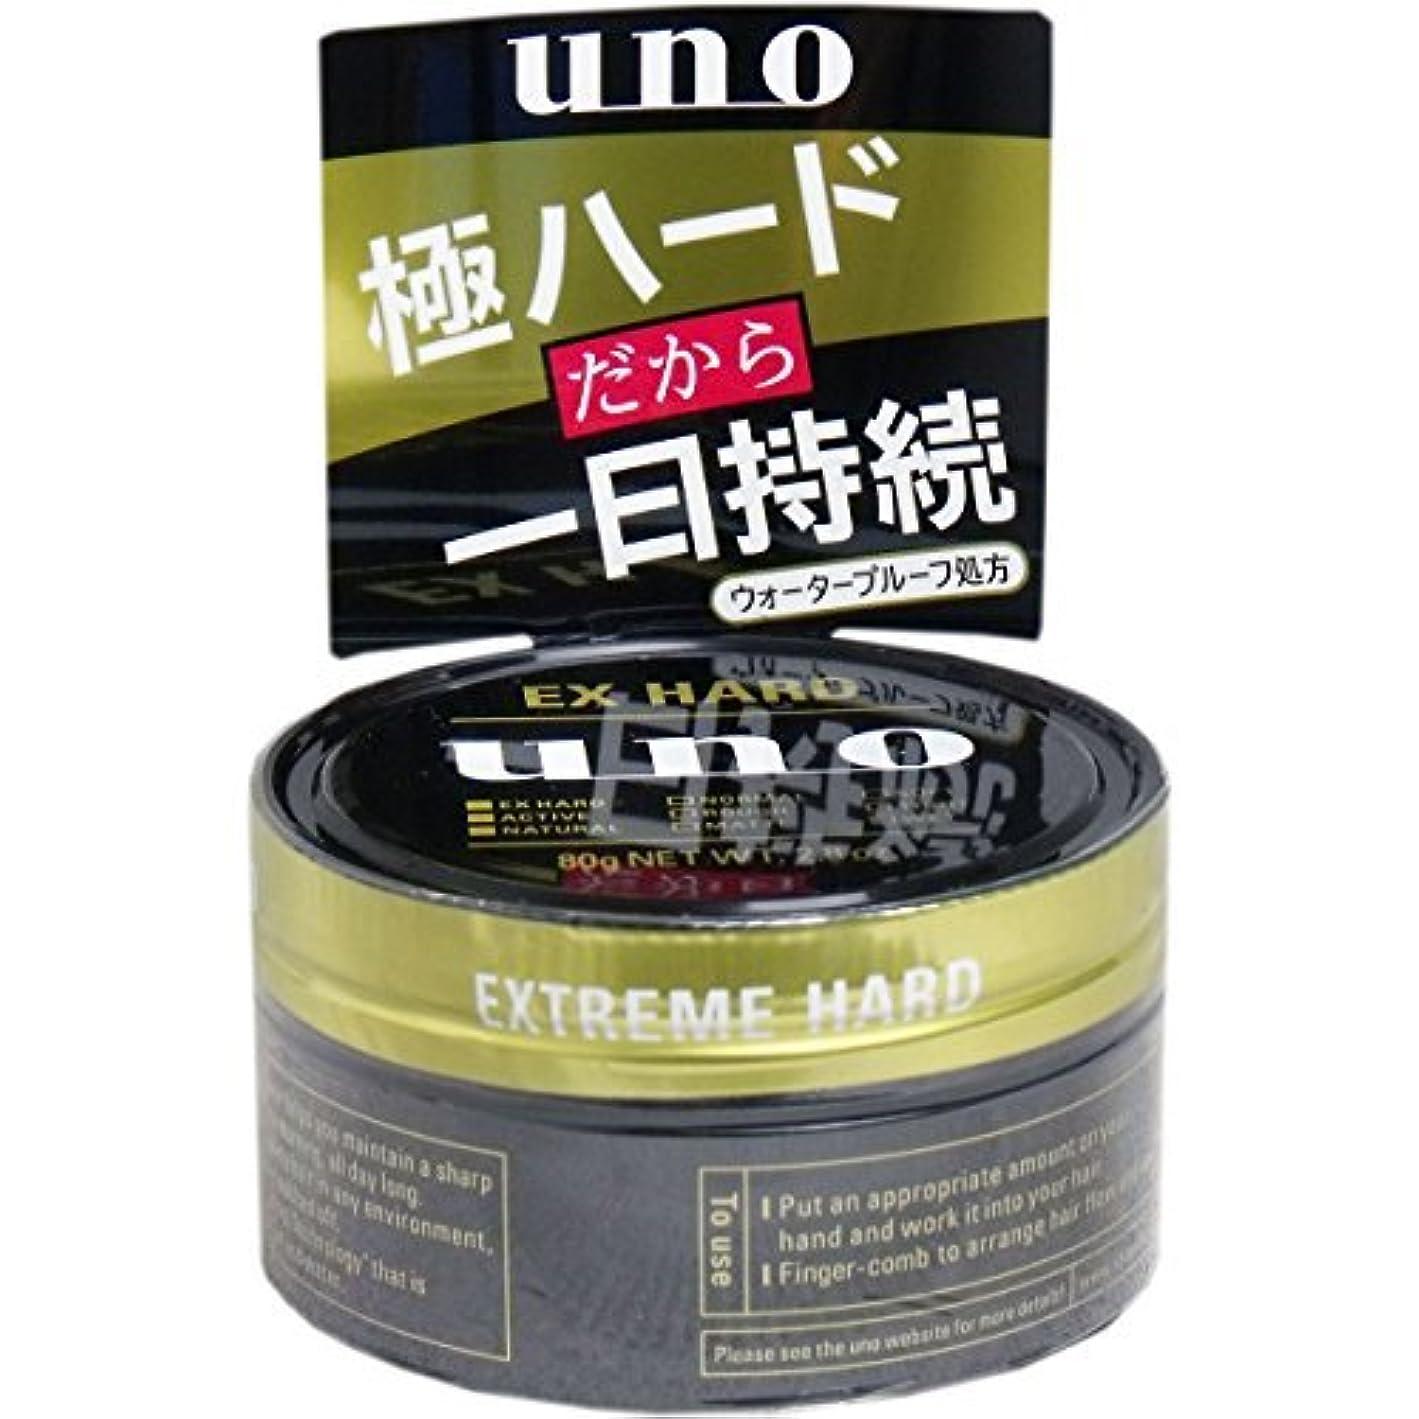 評判カートリッジ盆UNO(ウーノ) エクストリームハード 整髪料 80g